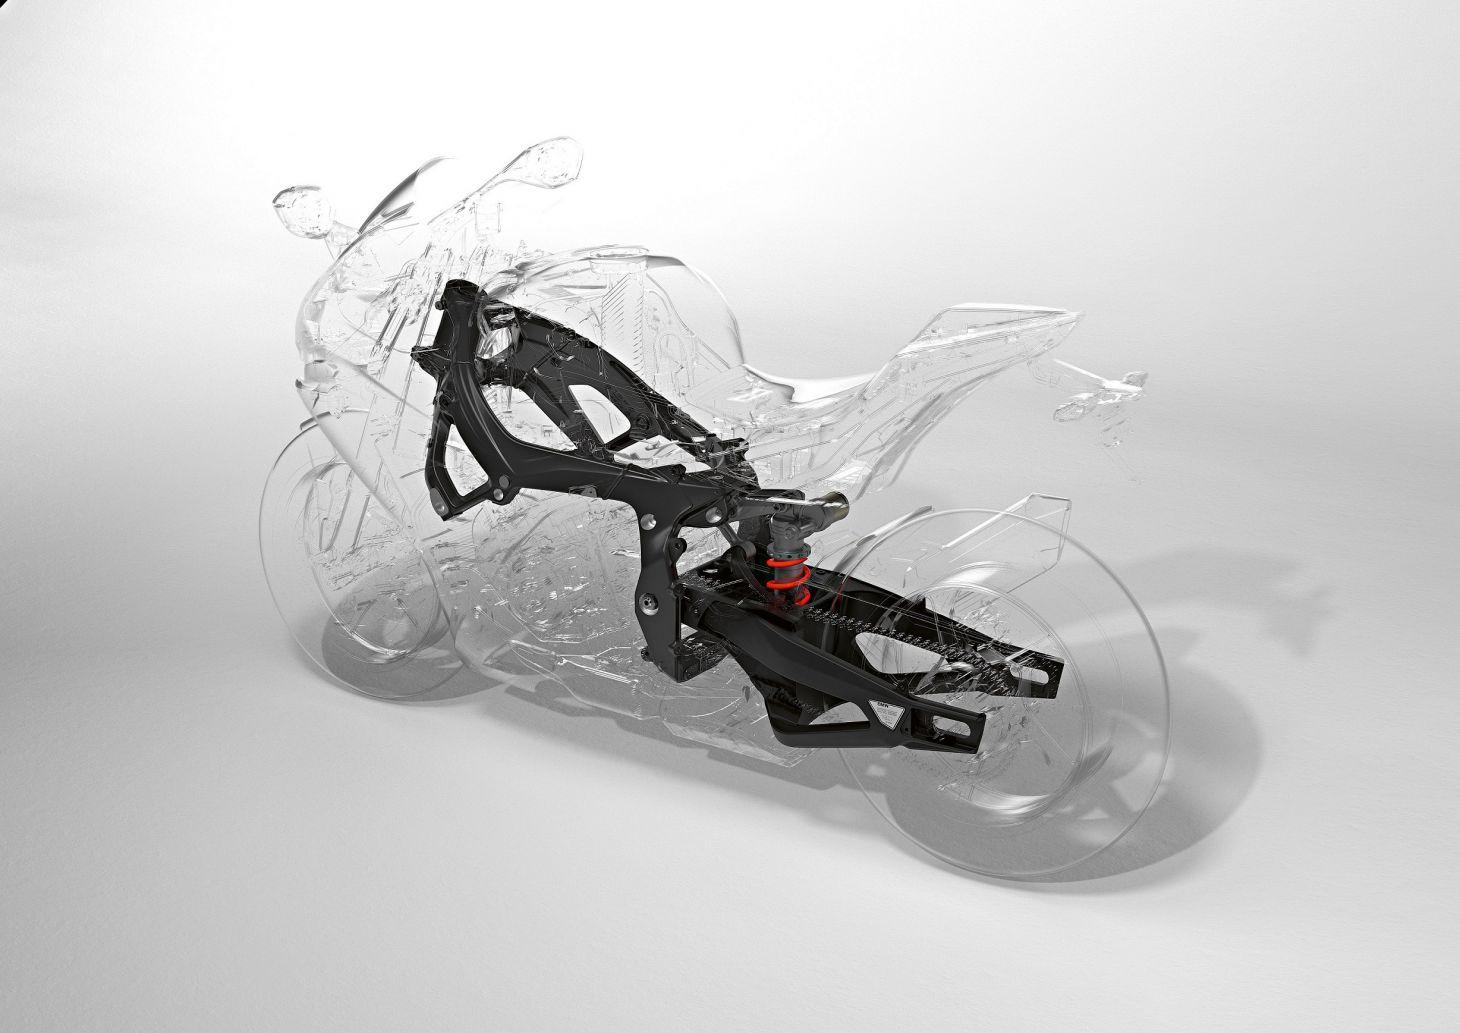 Quadro da BMW S1000 RR 2020